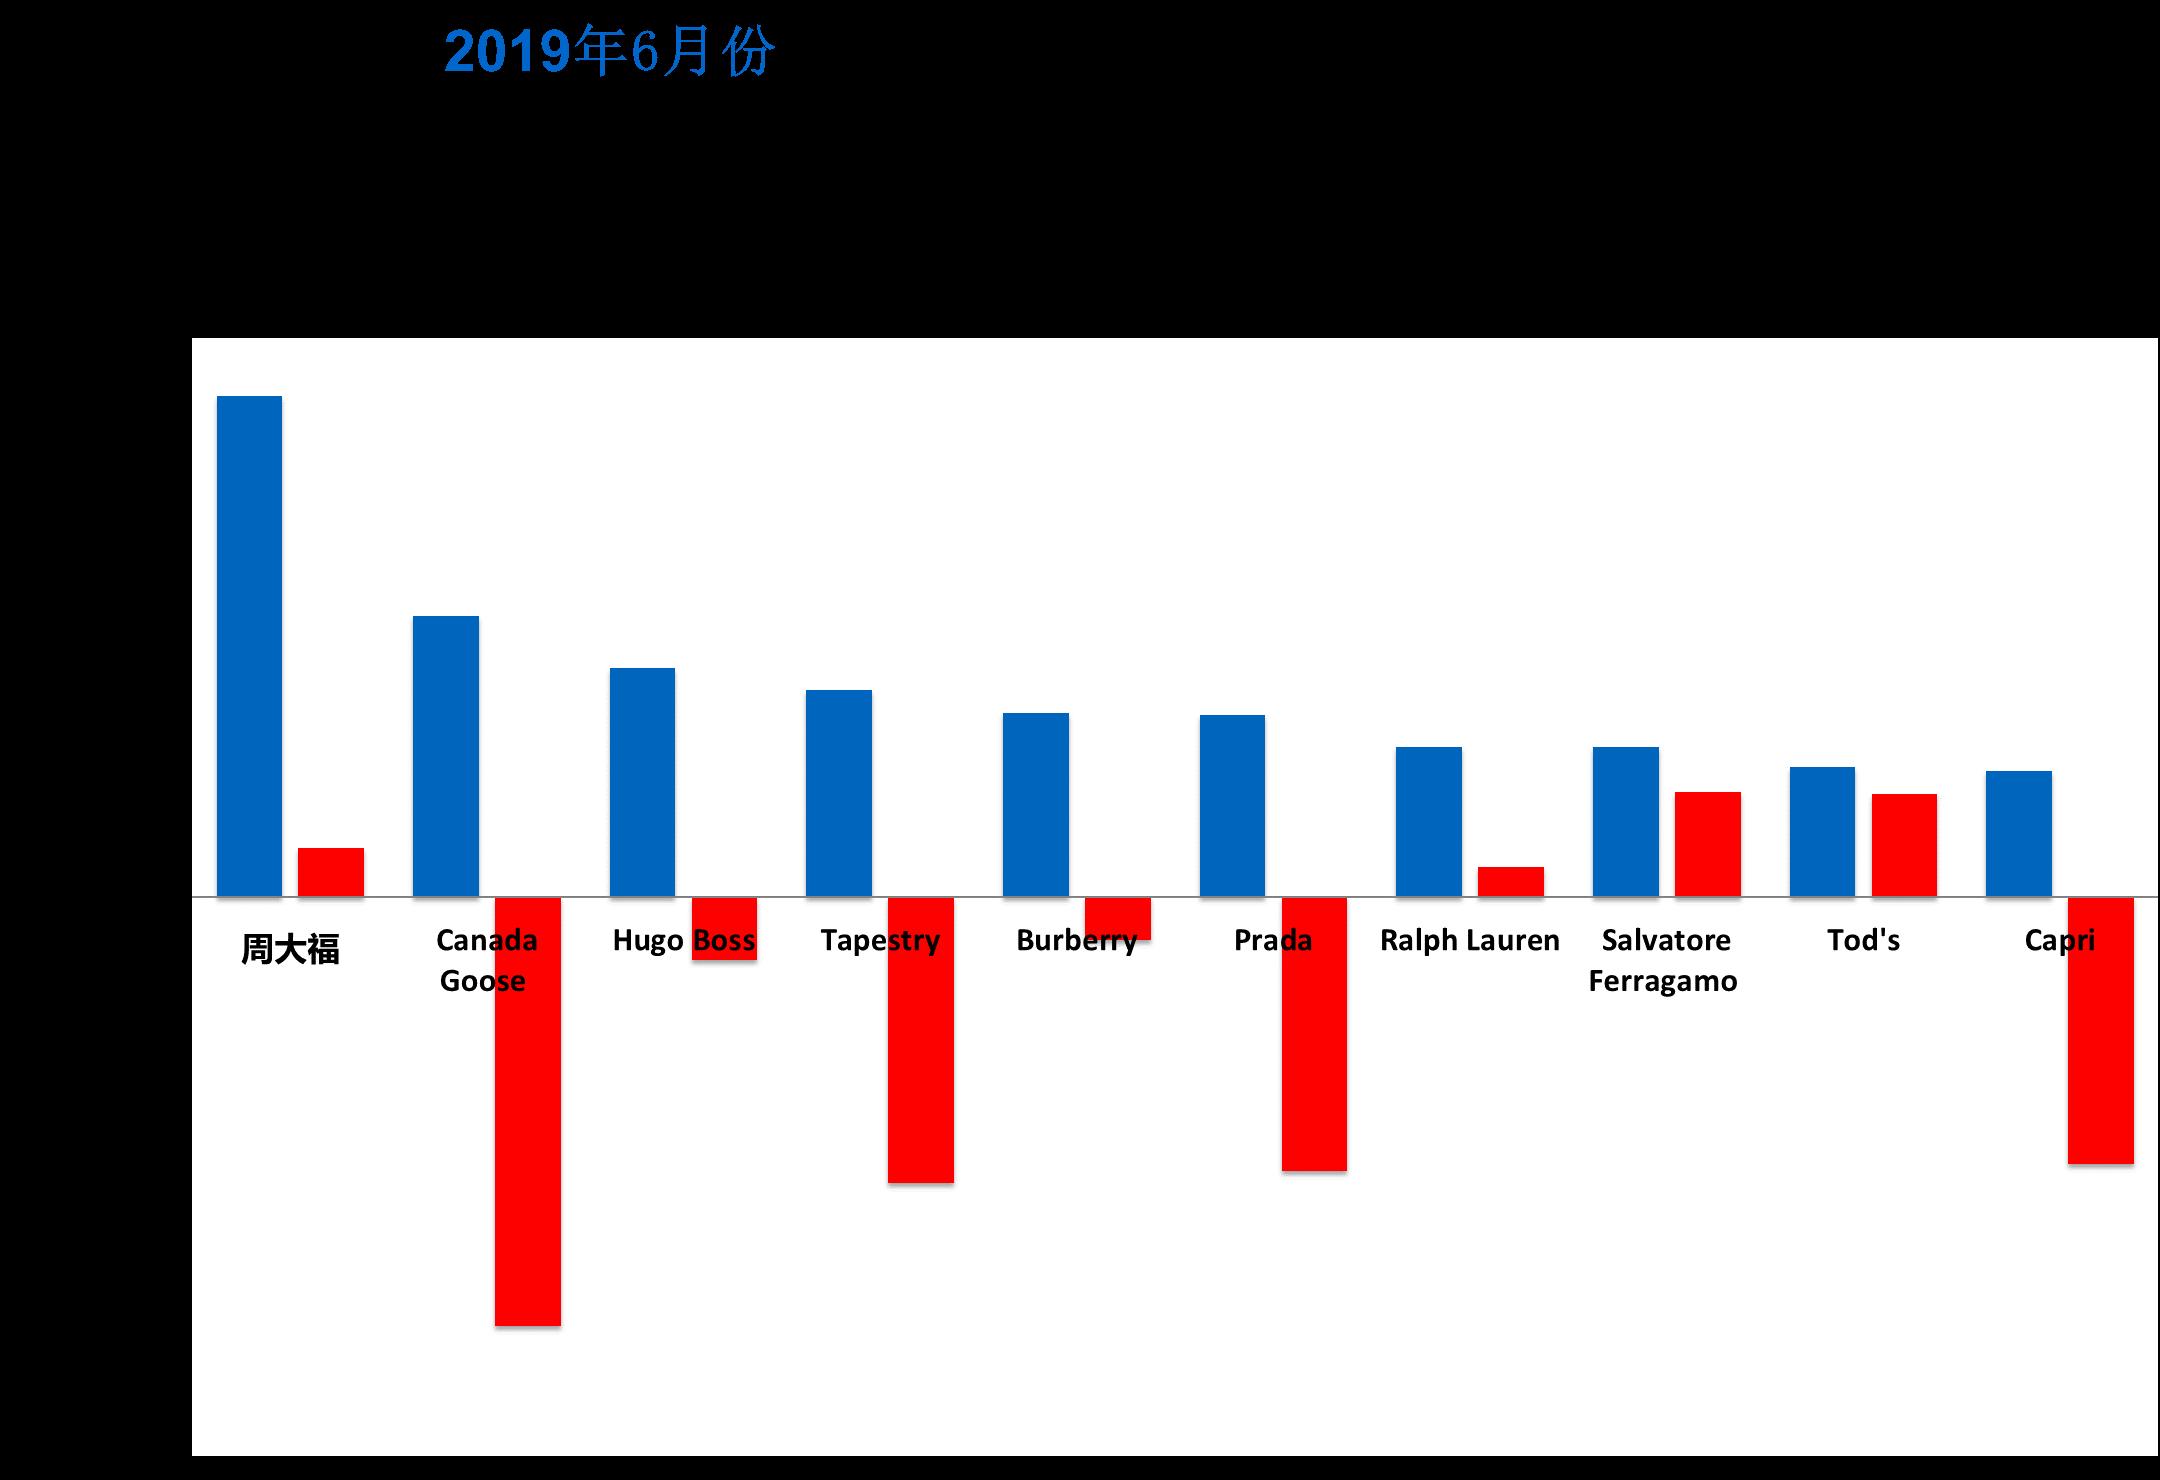 华丽志奢侈品股票月报:6月,全球奢侈品股市回升,17只股票上涨